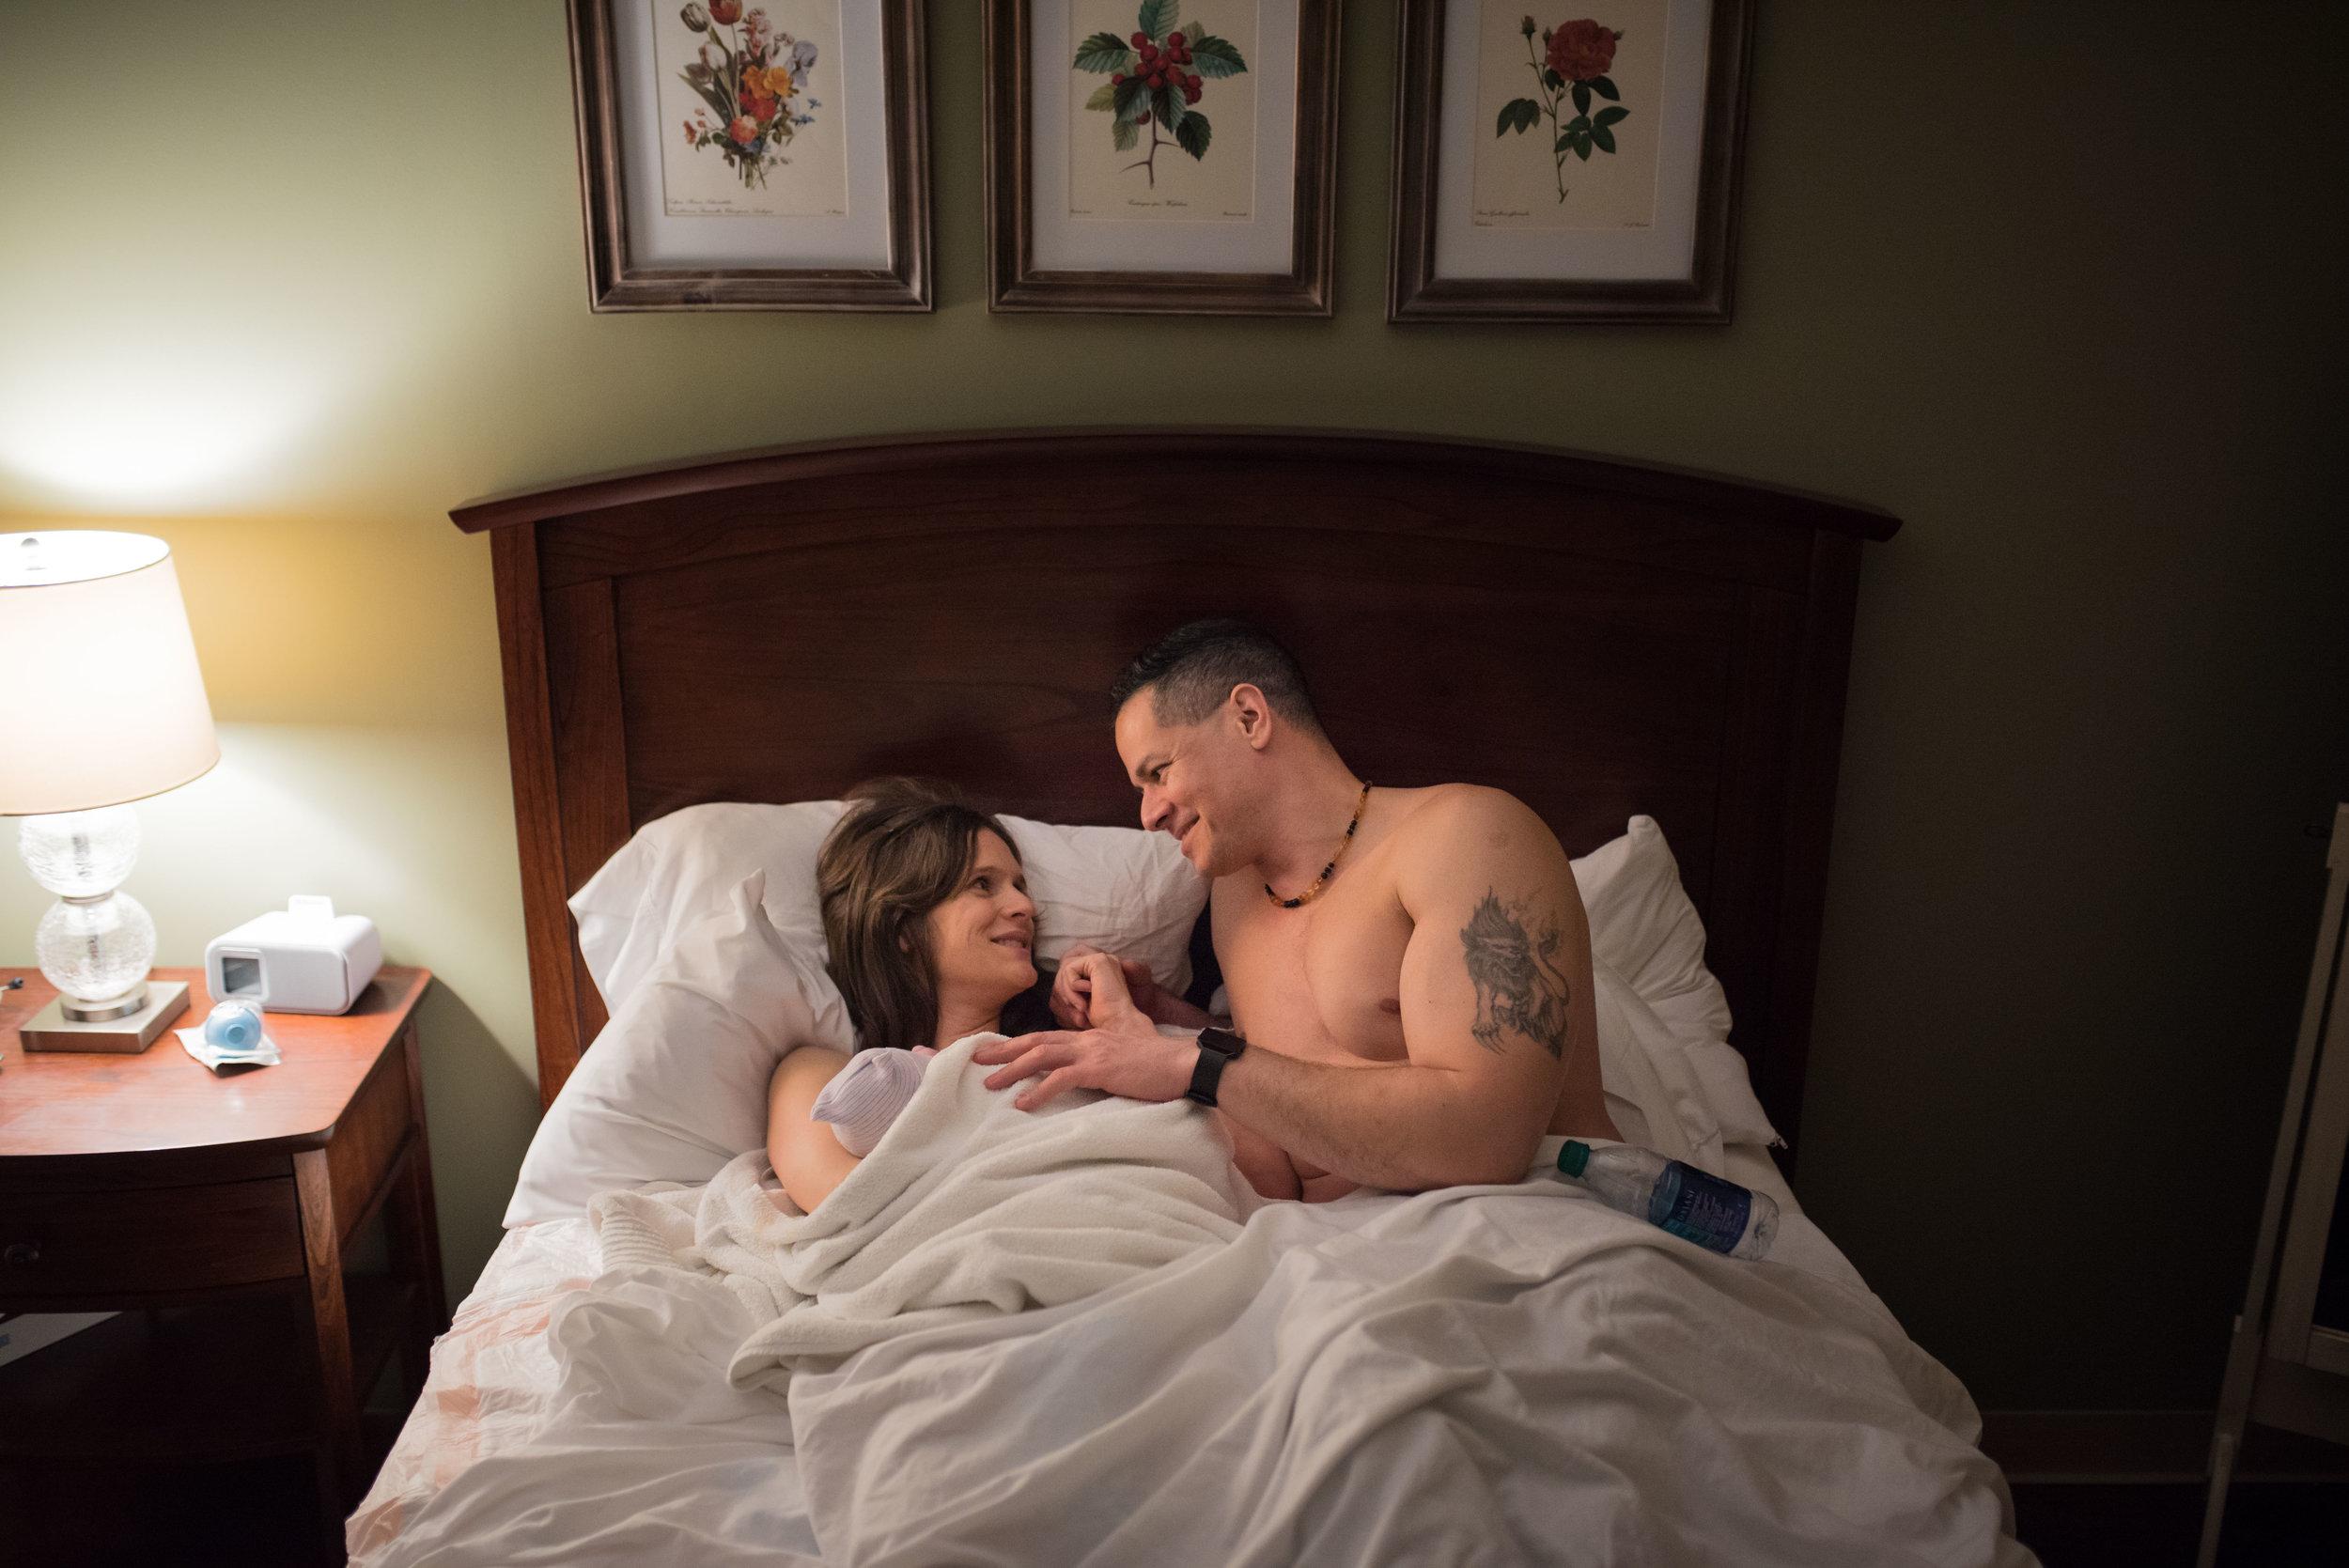 045-UF-birth-center-jacksonville-birth-photographer.JPG